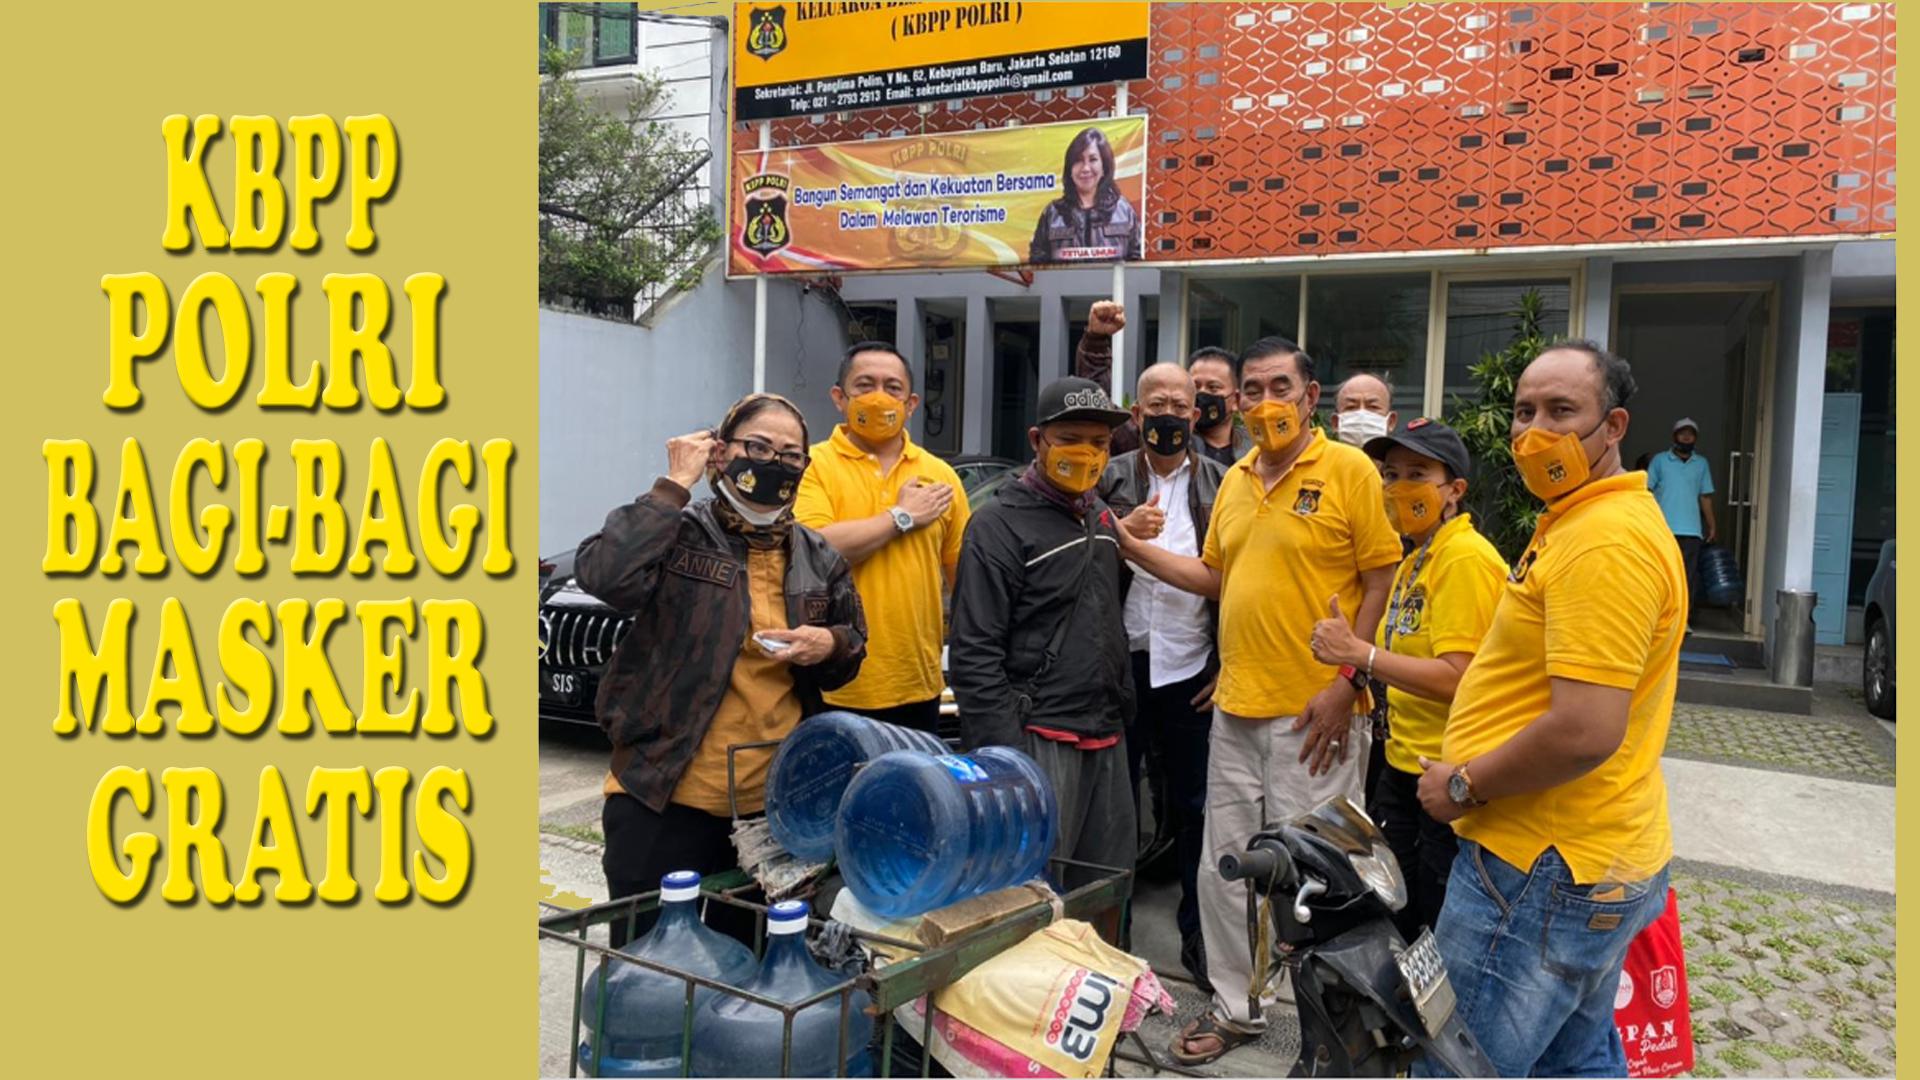 KBPP Polri Bagi-Bagi Masker Gratis kepada Masyarakat di Depan Kantor DPP